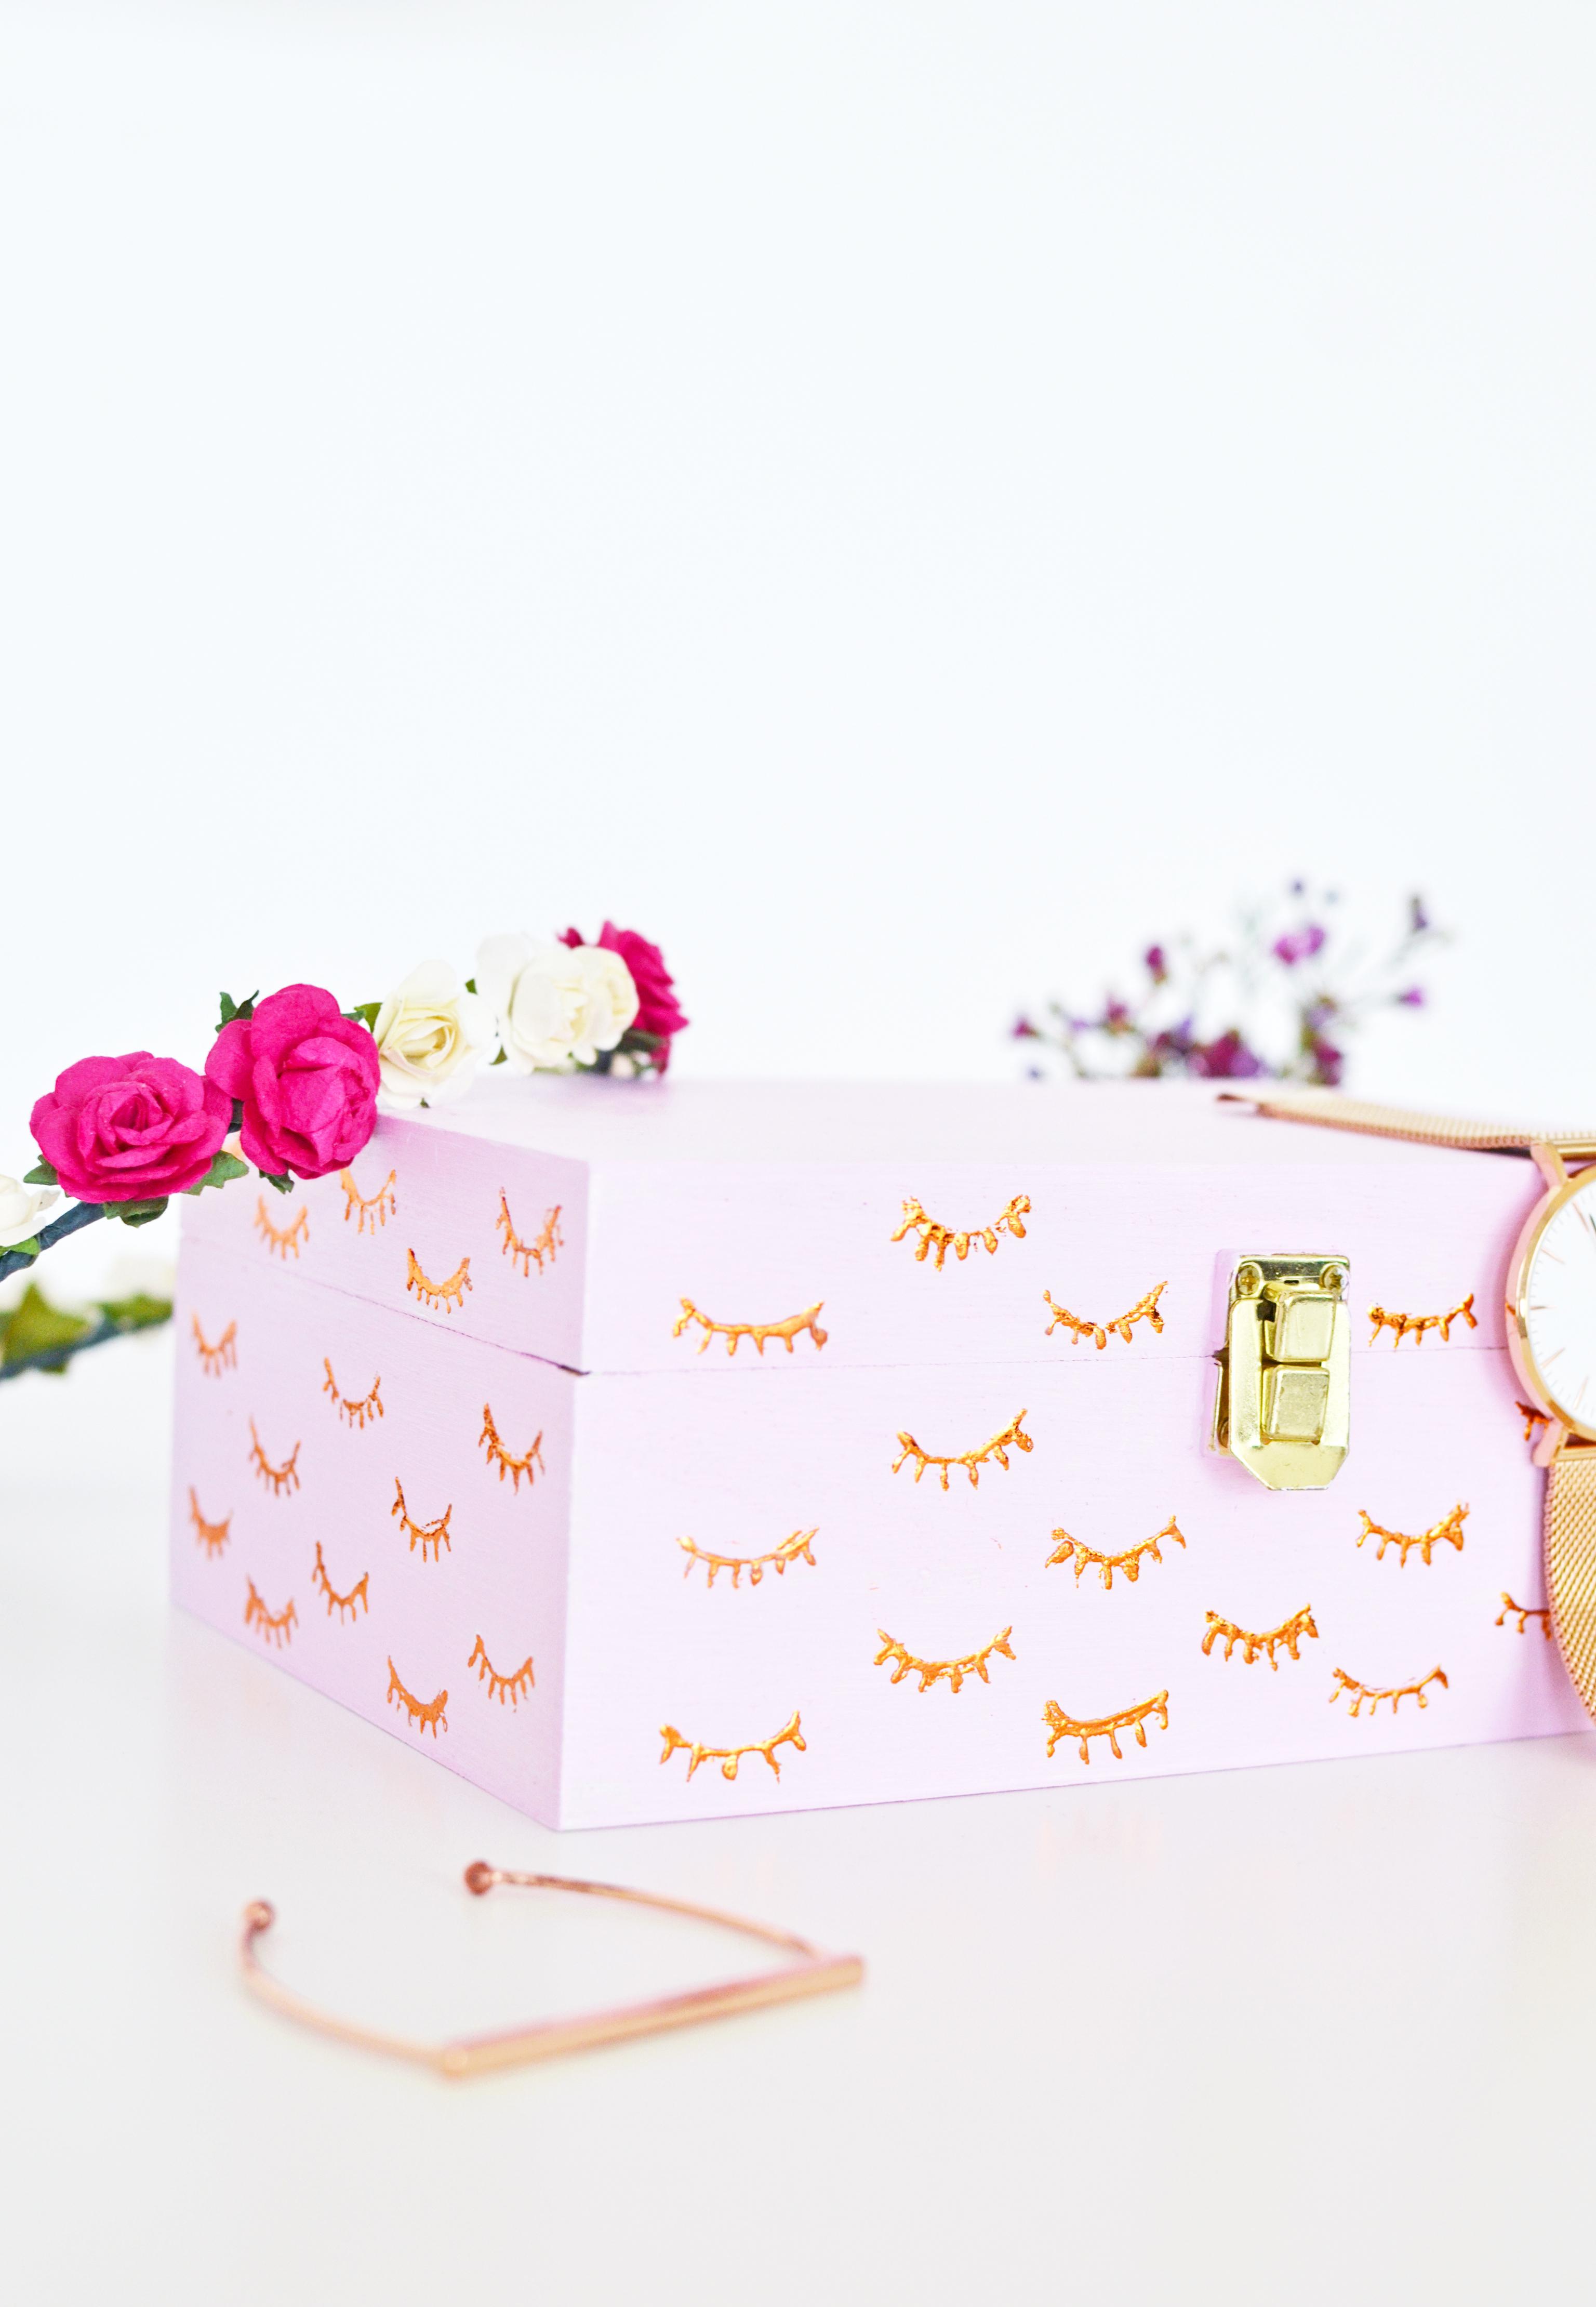 DIY Copper Eyelashes Box